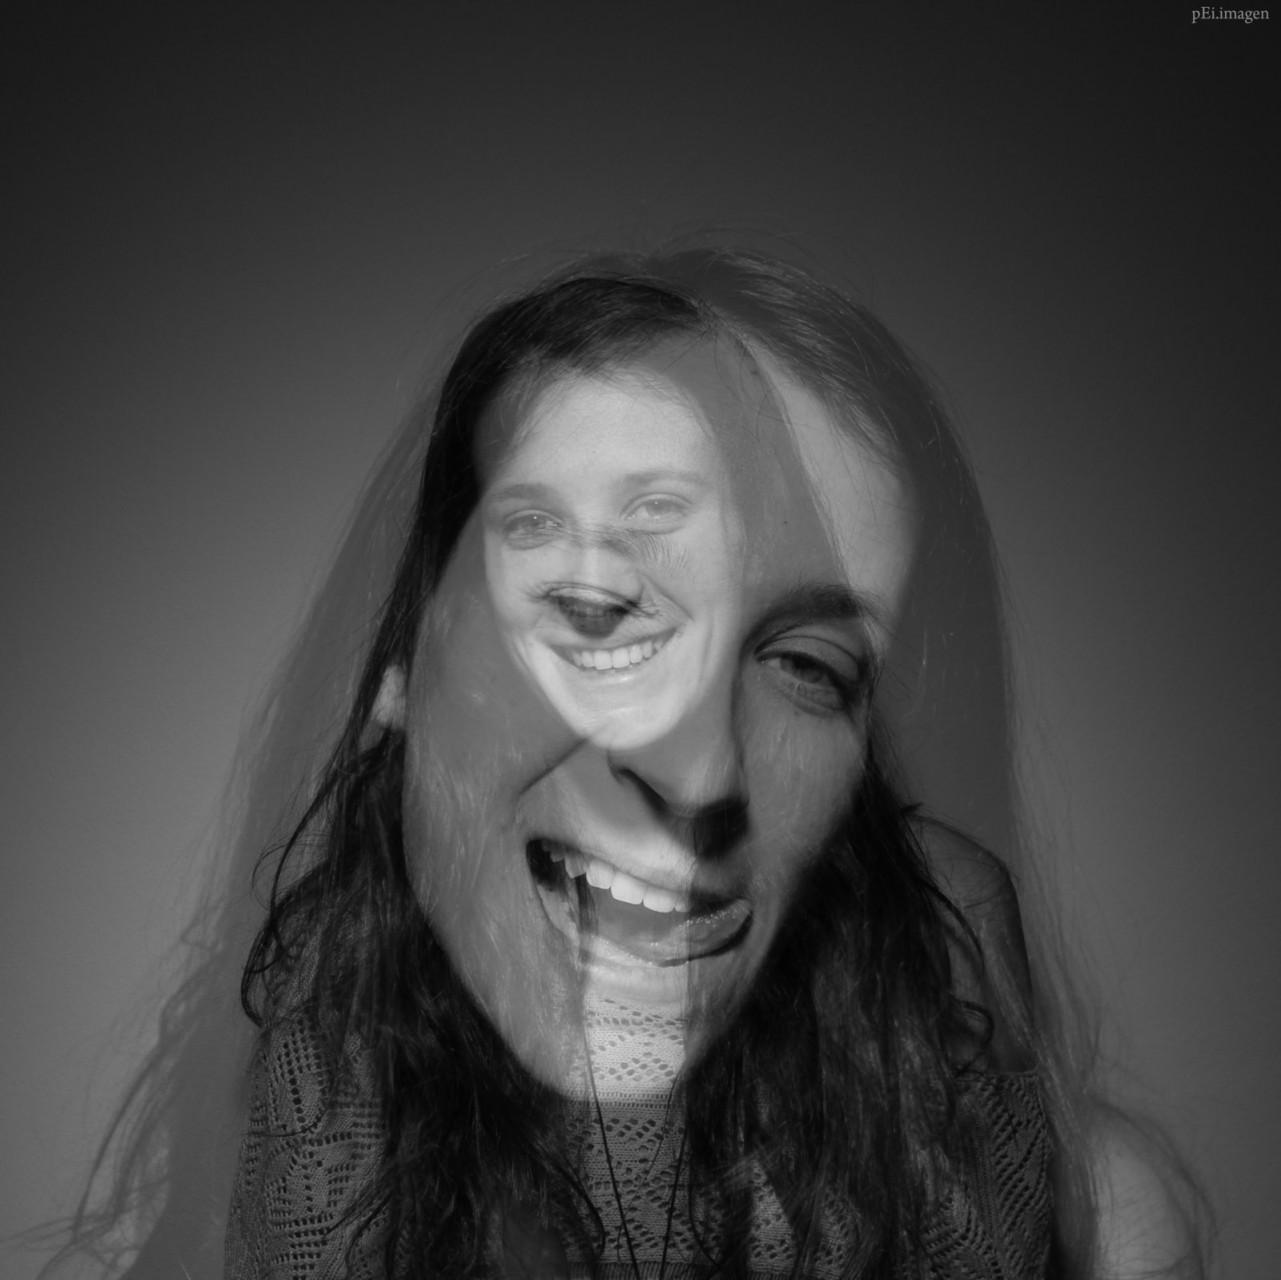 peipegata me myself I proyectos fotografia peipegatafotografia # 022 Blanca Gimenez